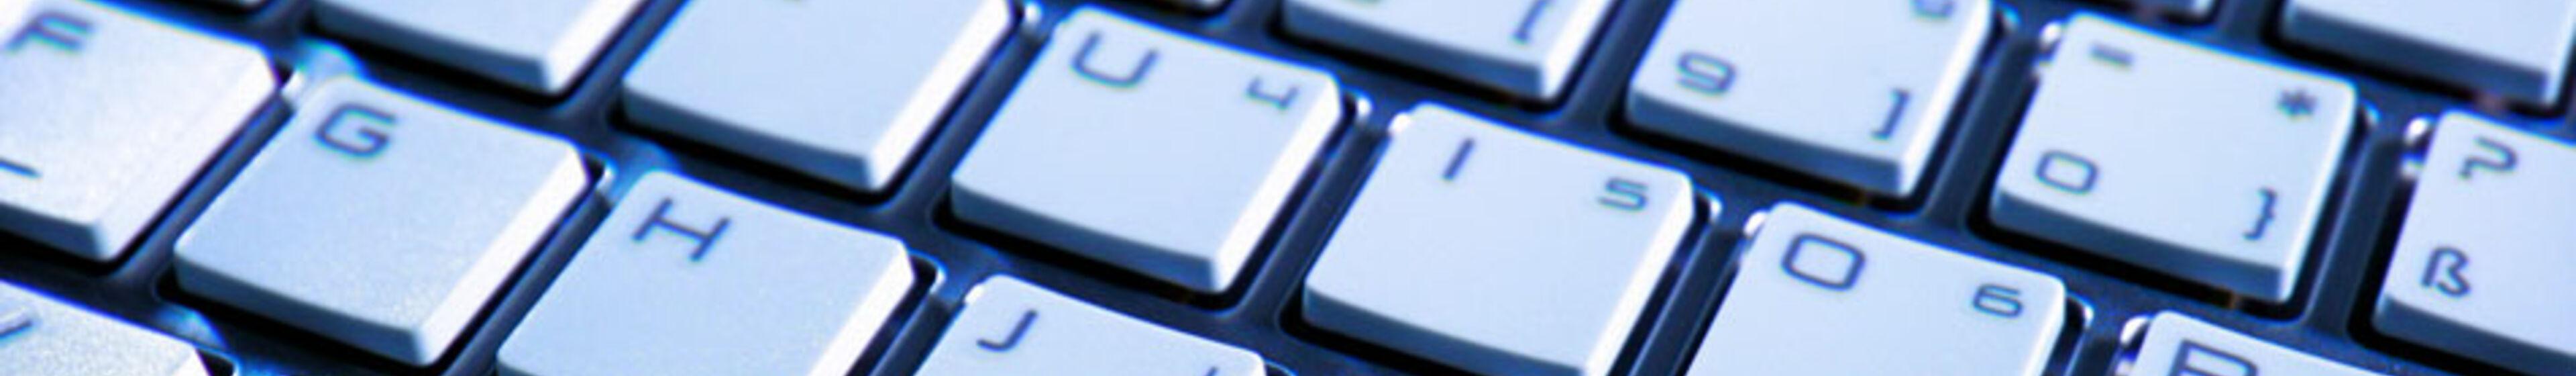 kopfbild_tastatur.de